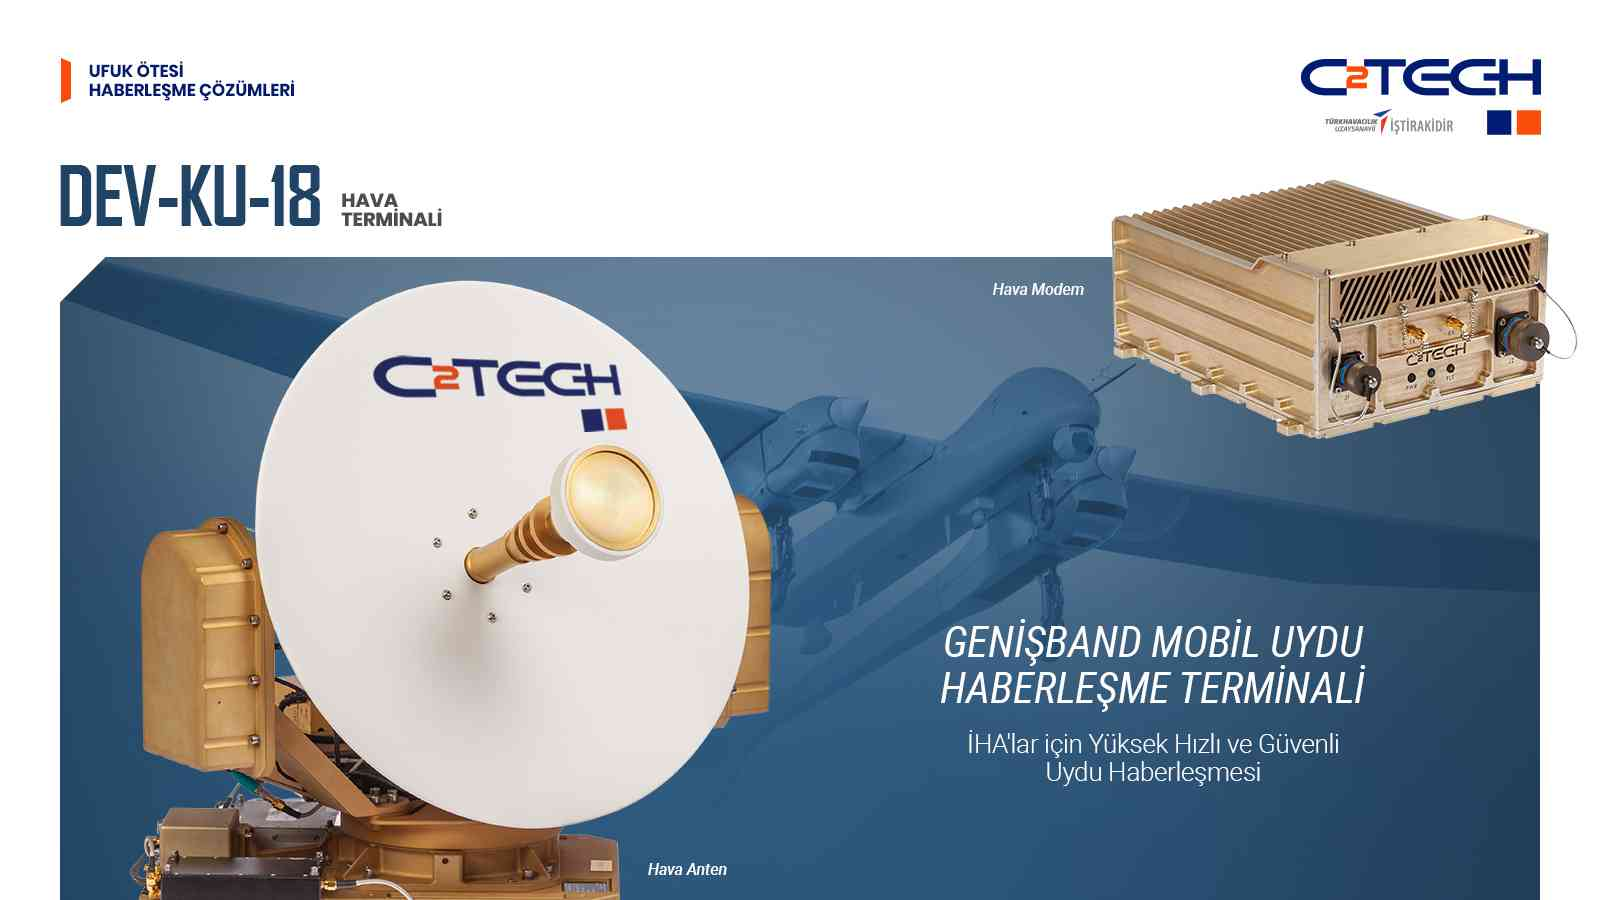 Aksungur SİHA, CTech tarafından üretilen yerli uydu haberleşme sistemini kullanıyor